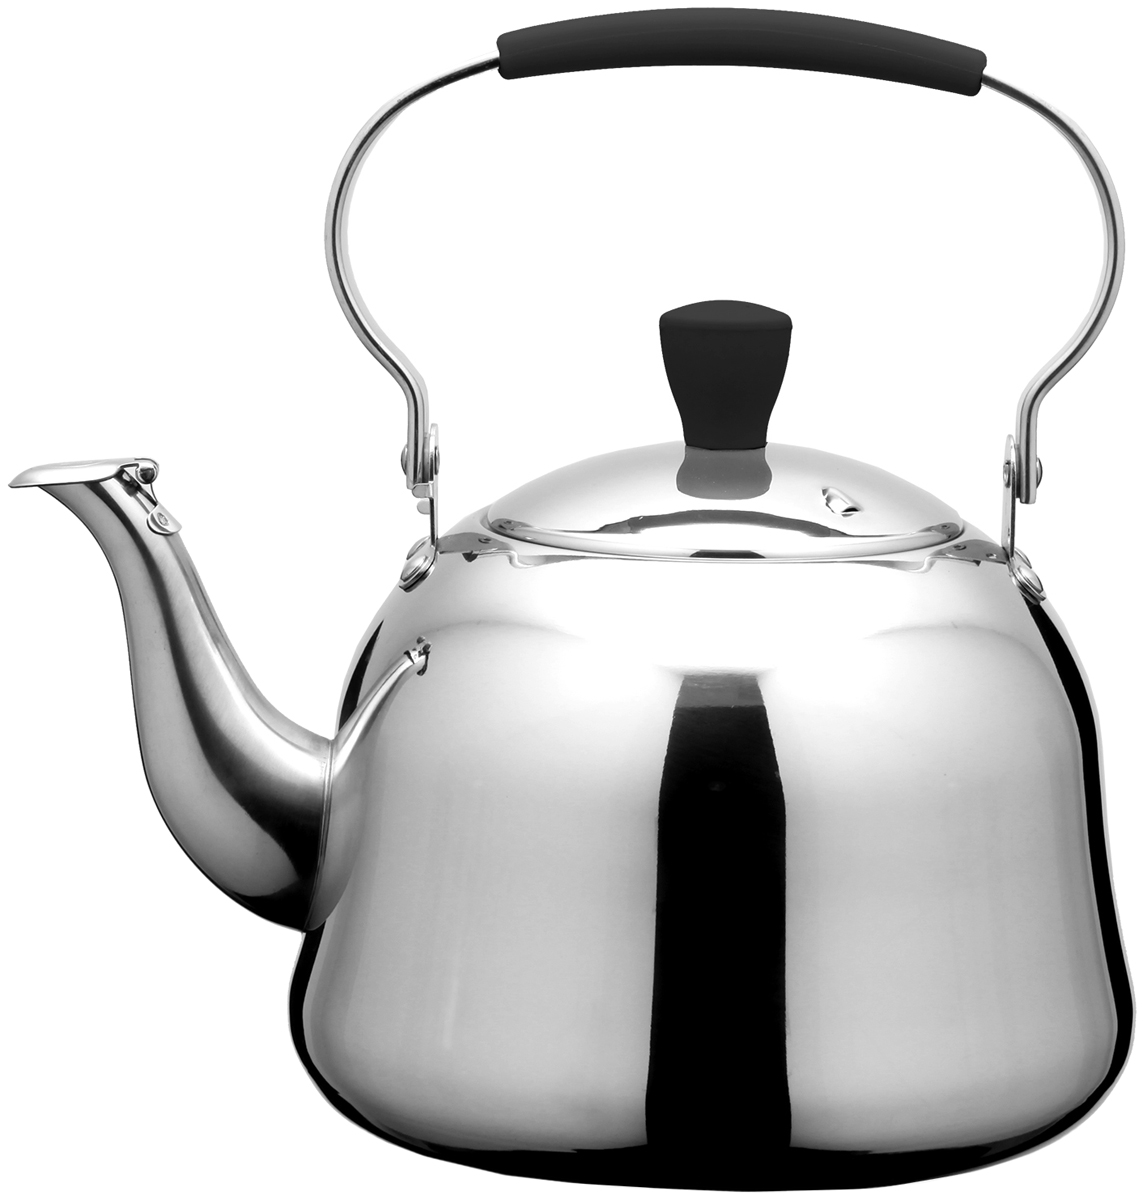 Чайник Fissman Rooibos, для кипячения воды и заваривания чая, 1 л stahlberg rg чайник для кипячения воды 7 0 л